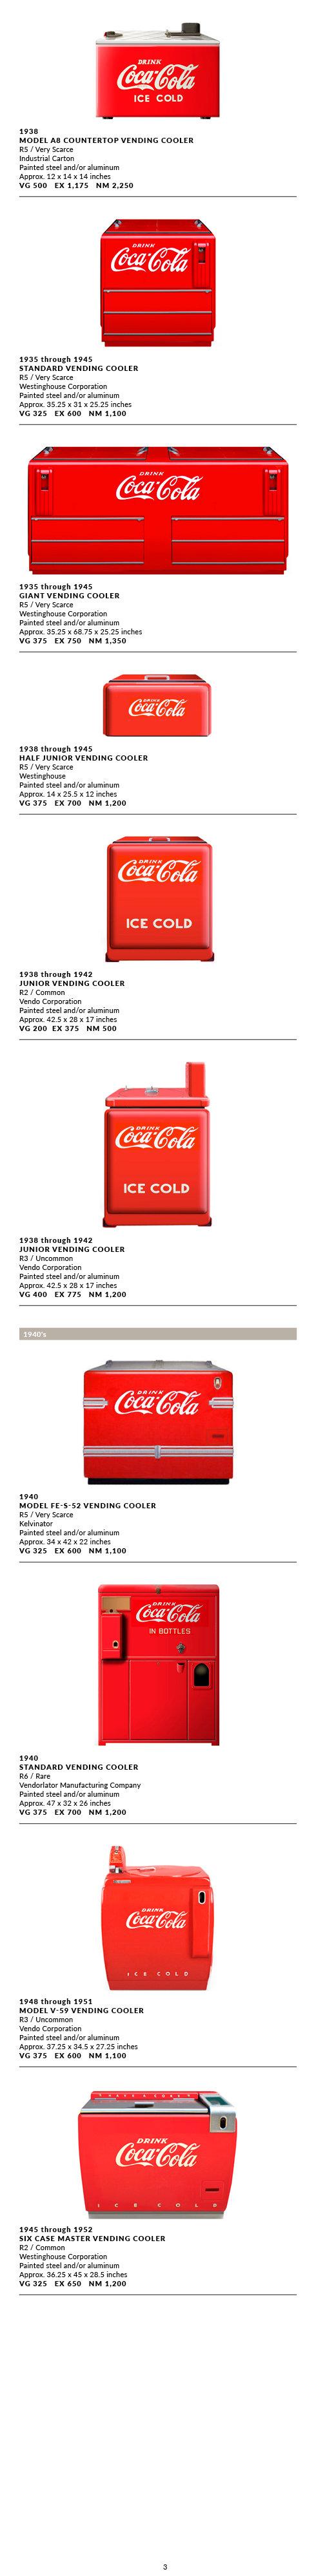 Vending Coolers3.jpg